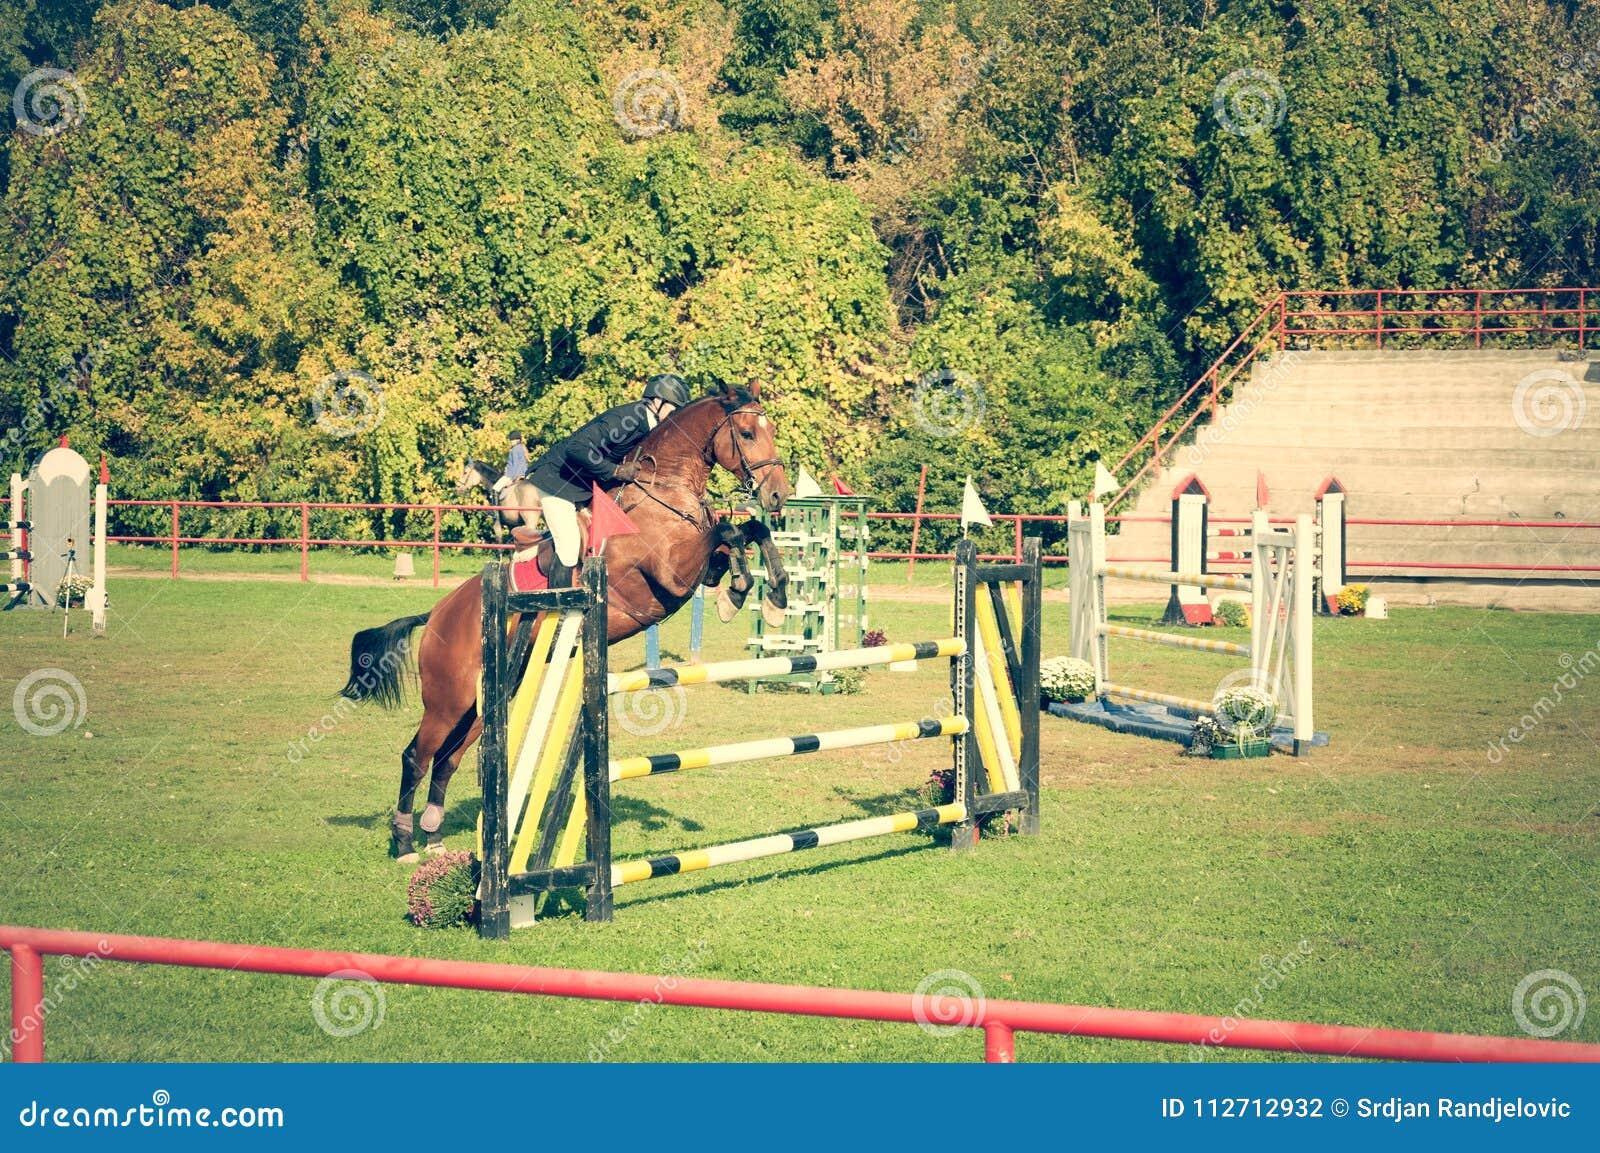 De rit mooi bruin paard en sprong van de jonge mensenjockey over de bifurcatie in ruitersportclose-up